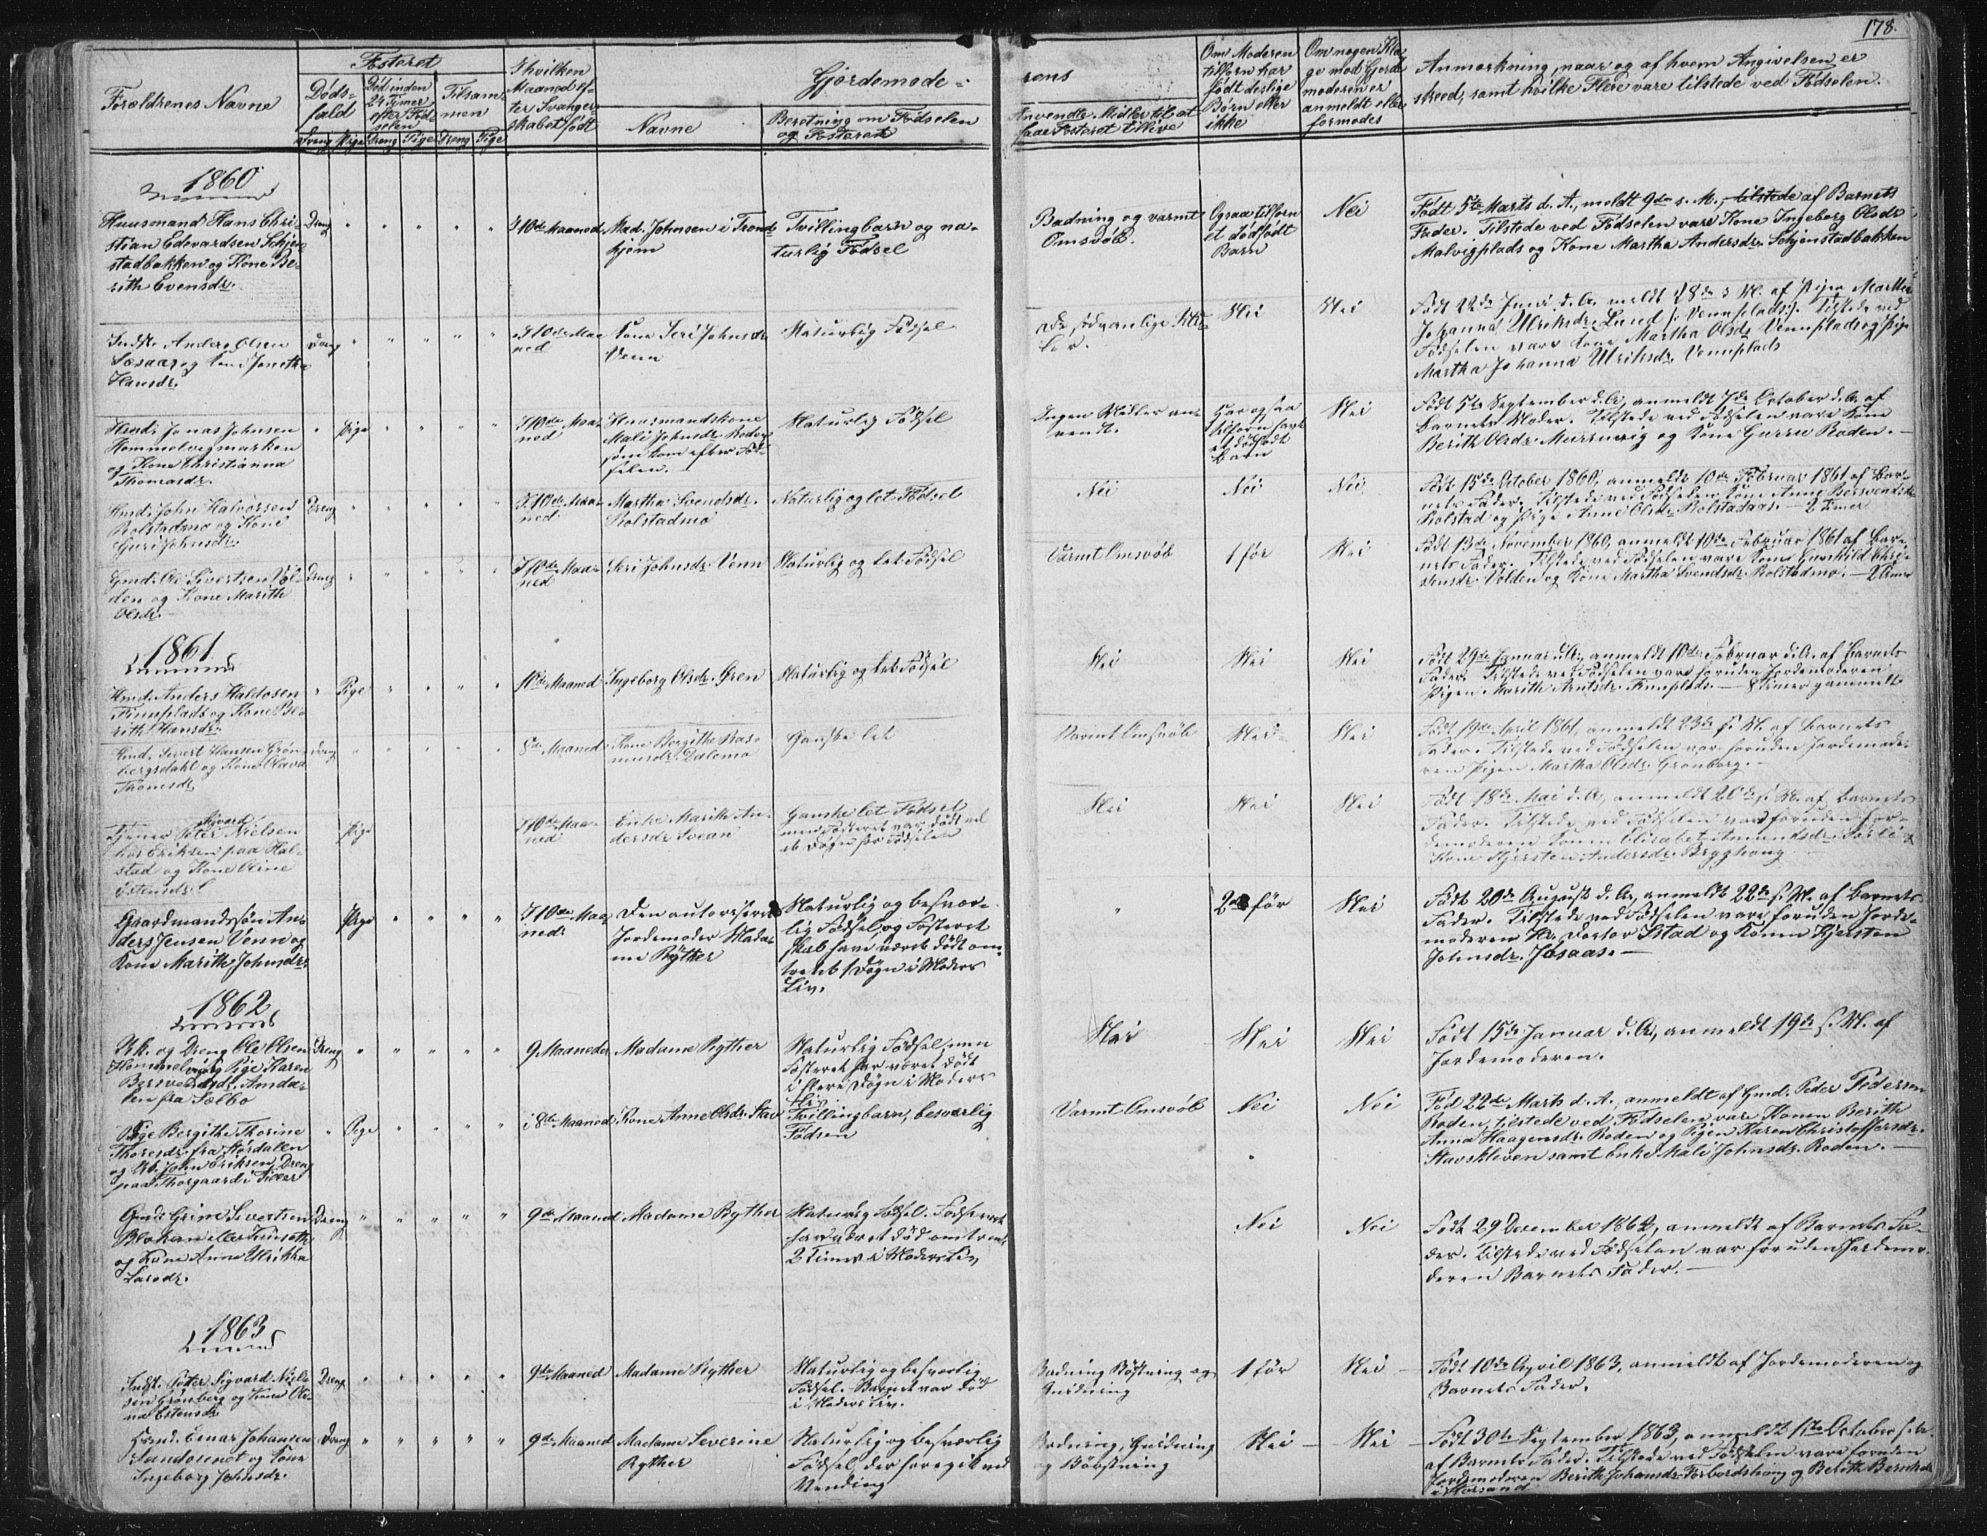 SAT, Ministerialprotokoller, klokkerbøker og fødselsregistre - Sør-Trøndelag, 616/L0406: Ministerialbok nr. 616A03, 1843-1879, s. 178